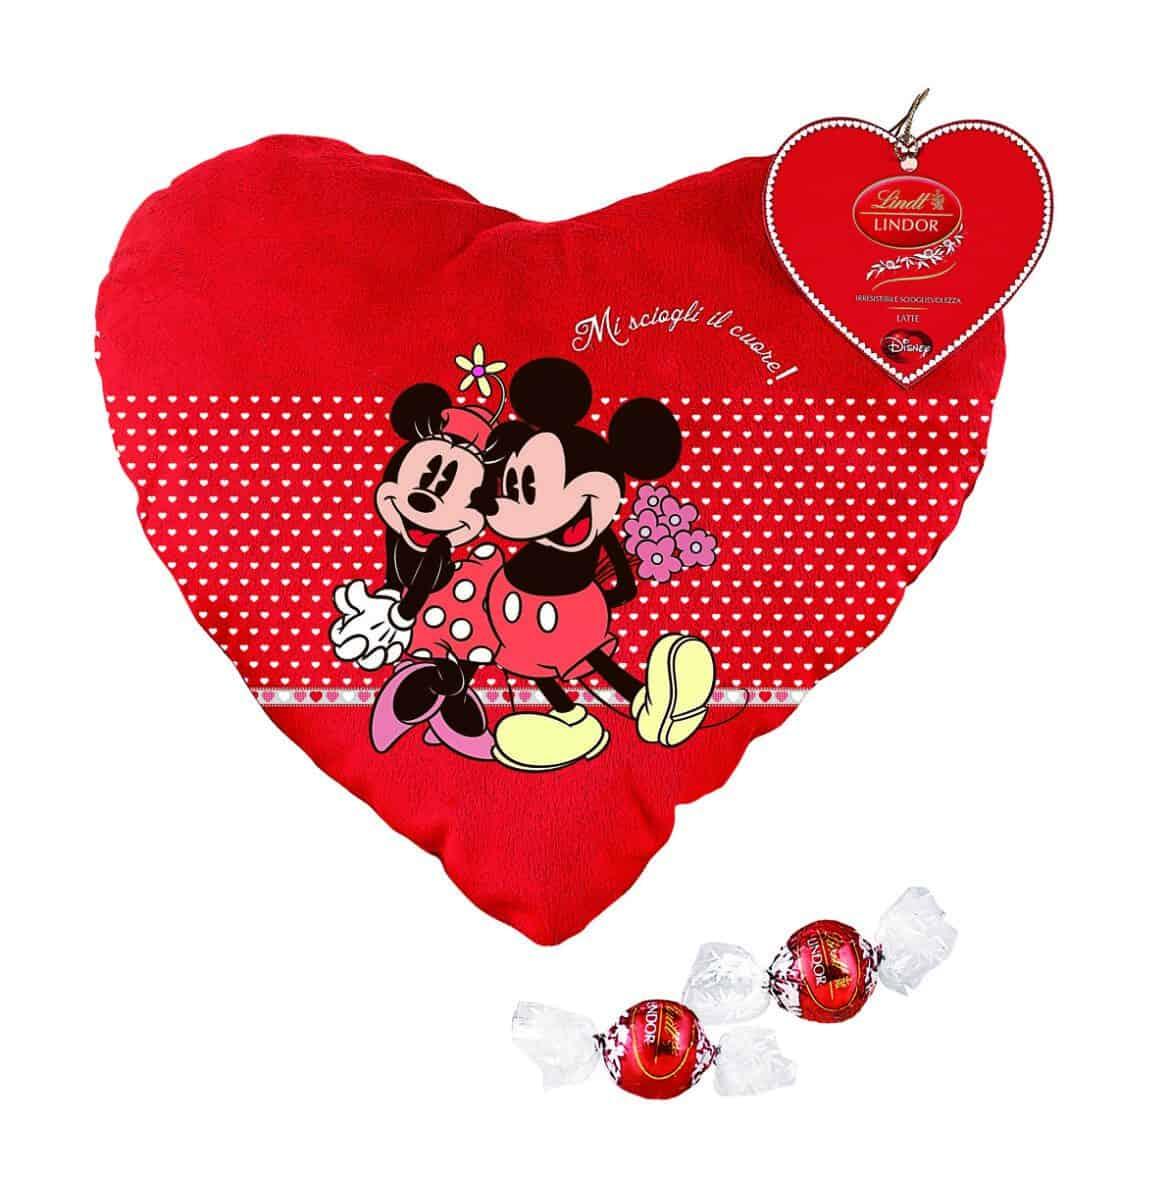 SAN VALENTINO: alcune proposte regalo con i più amati personaggi DISNEY